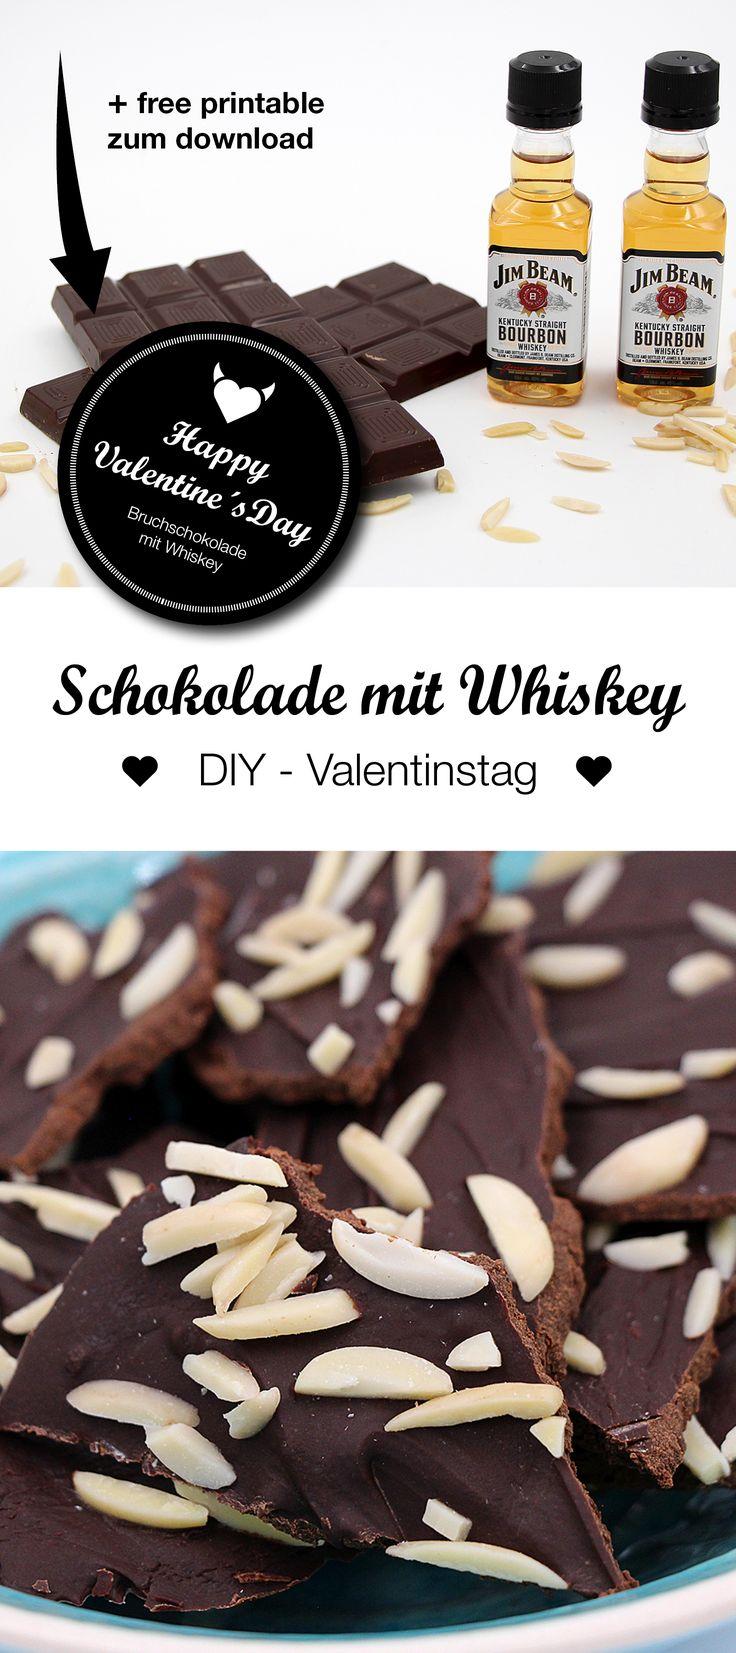 DIY Valentinstag Geschenk: Leckere Selbst Gemacht Bruchschokolade Mit Jim  Beam Whiskey. Cooles DIY Valentinstag